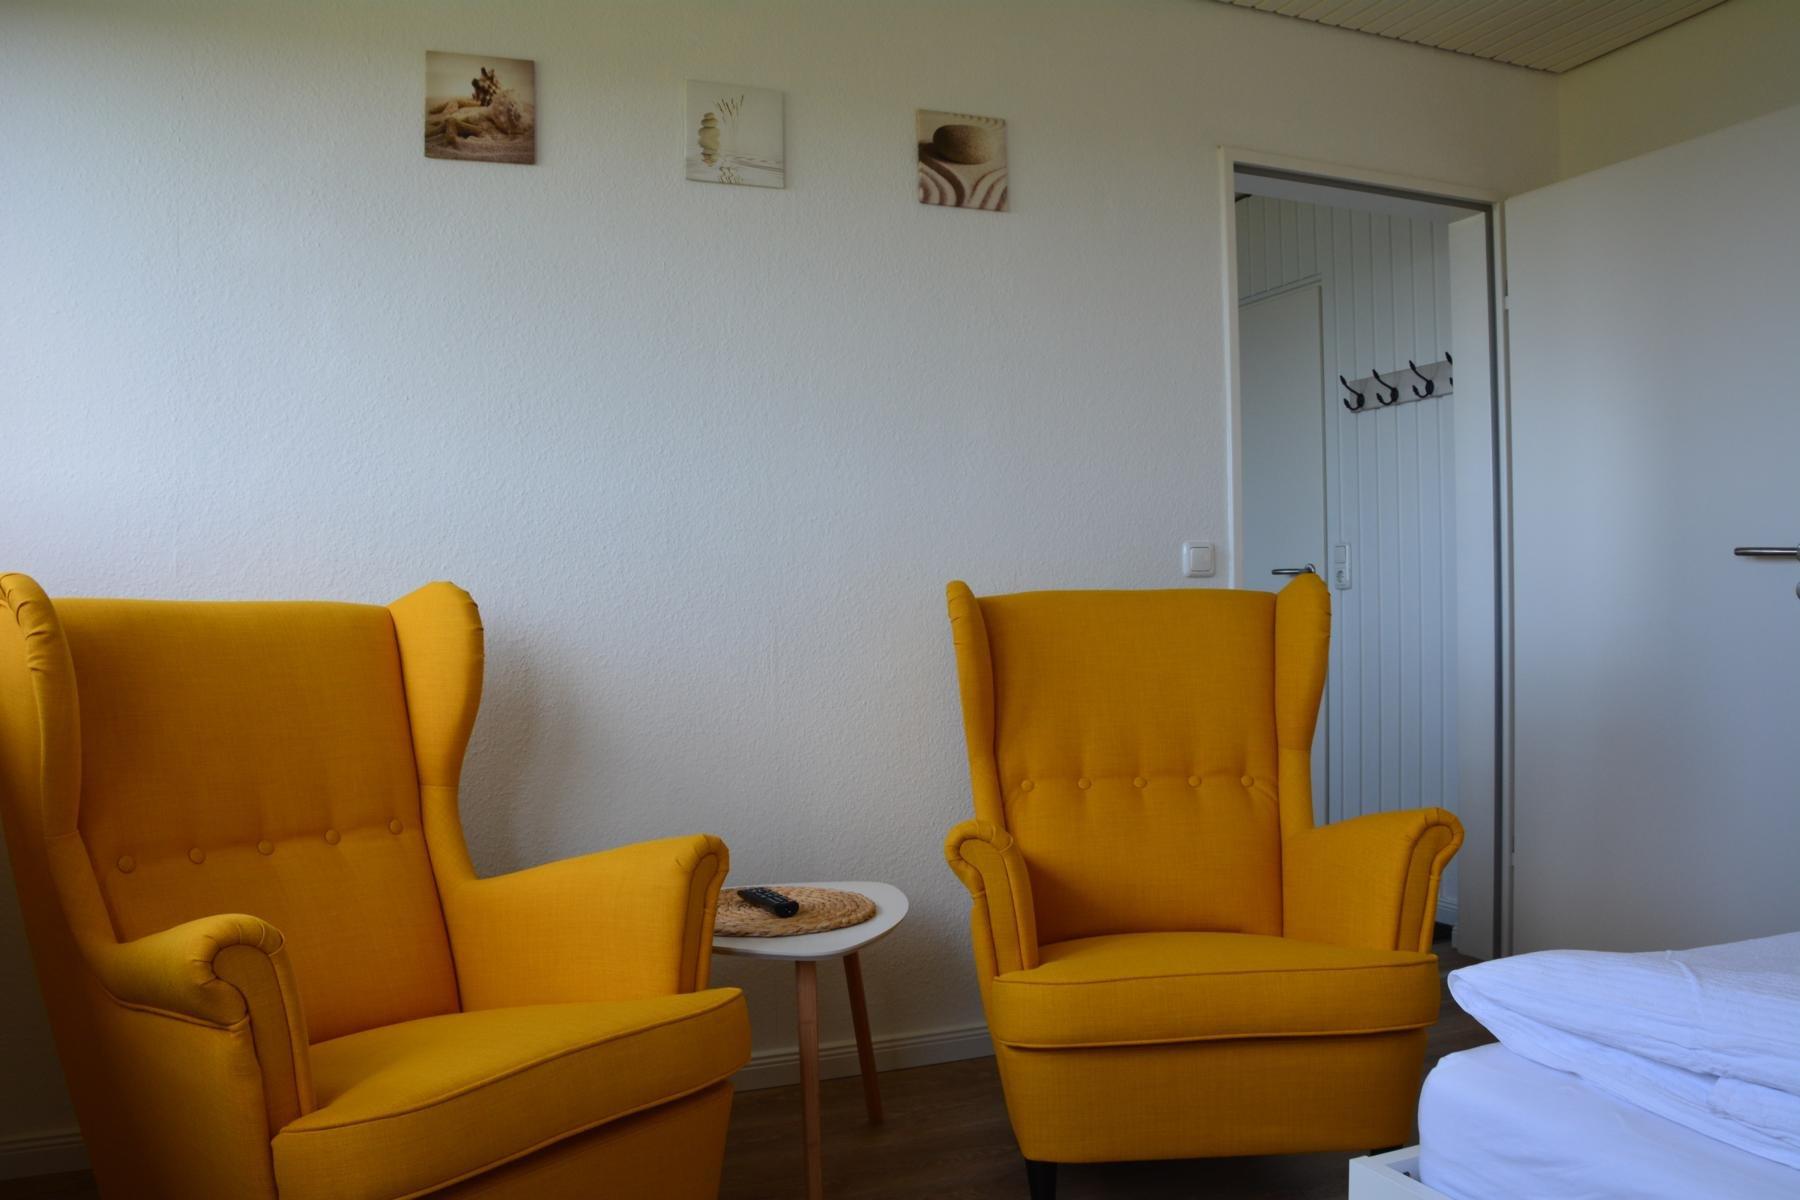 Zusatzbild Nr. 08 von Waasfrees - Ferienwohnung Oland